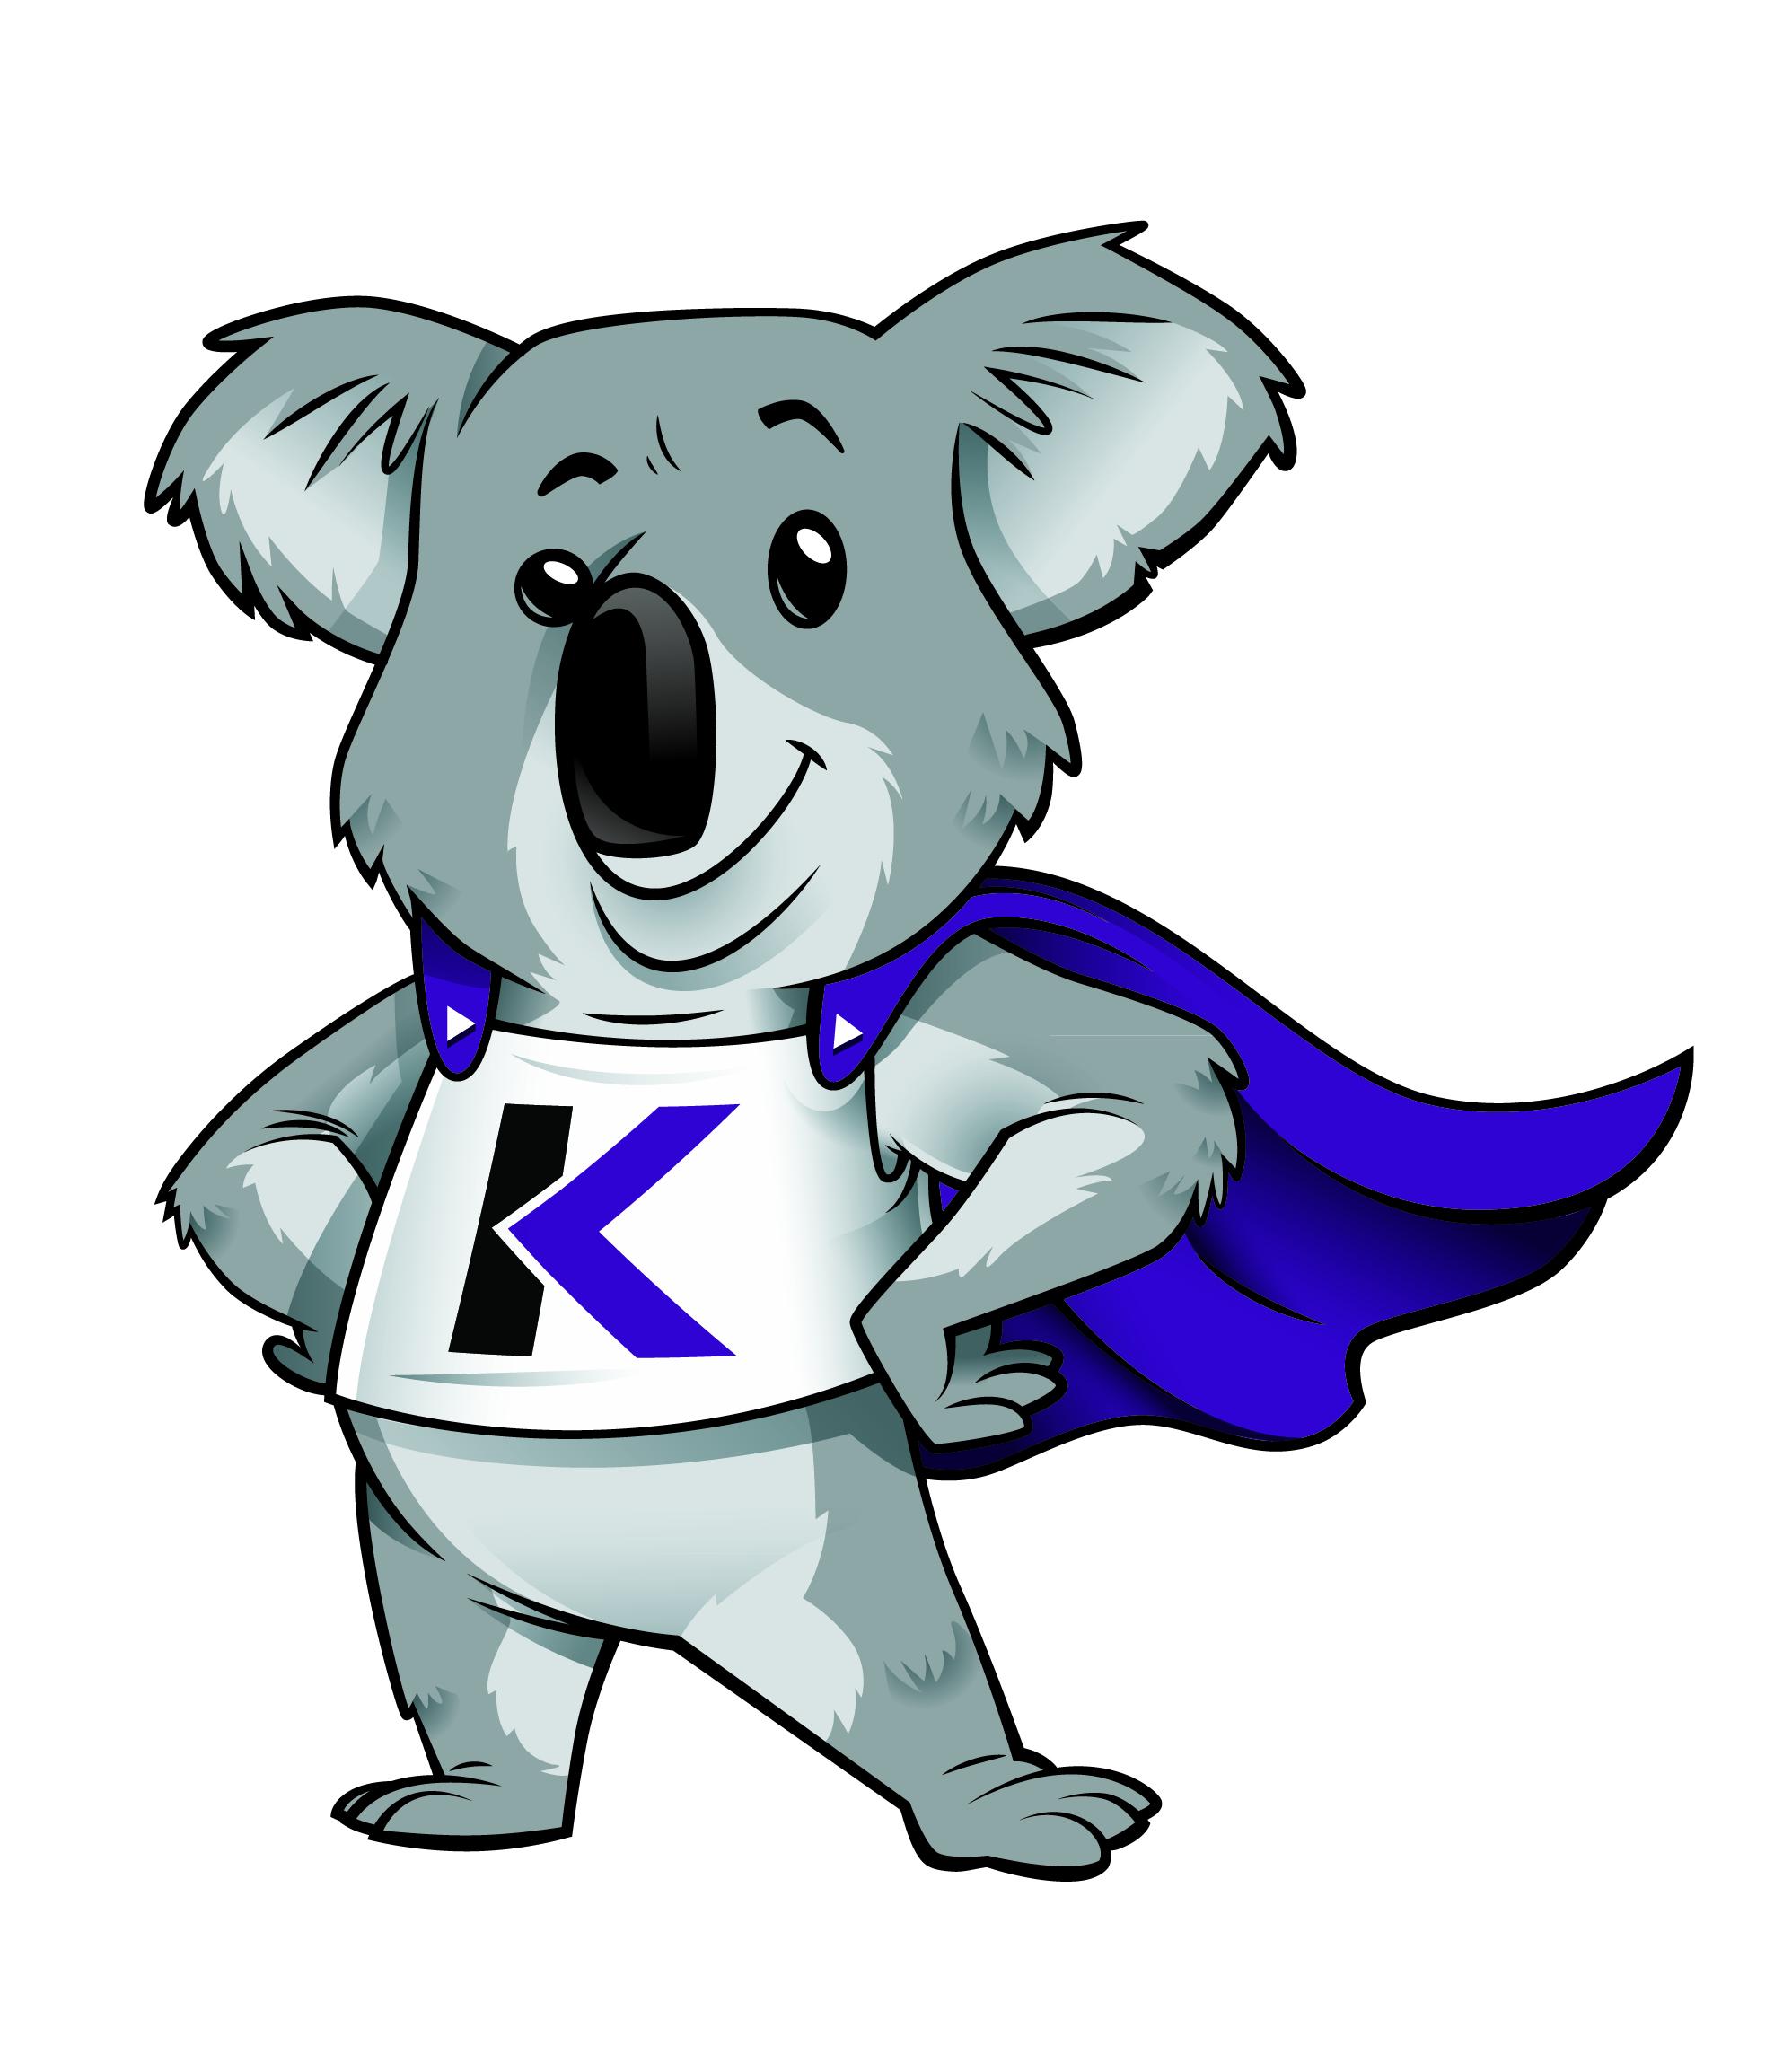 Super Smart Koala Mascot